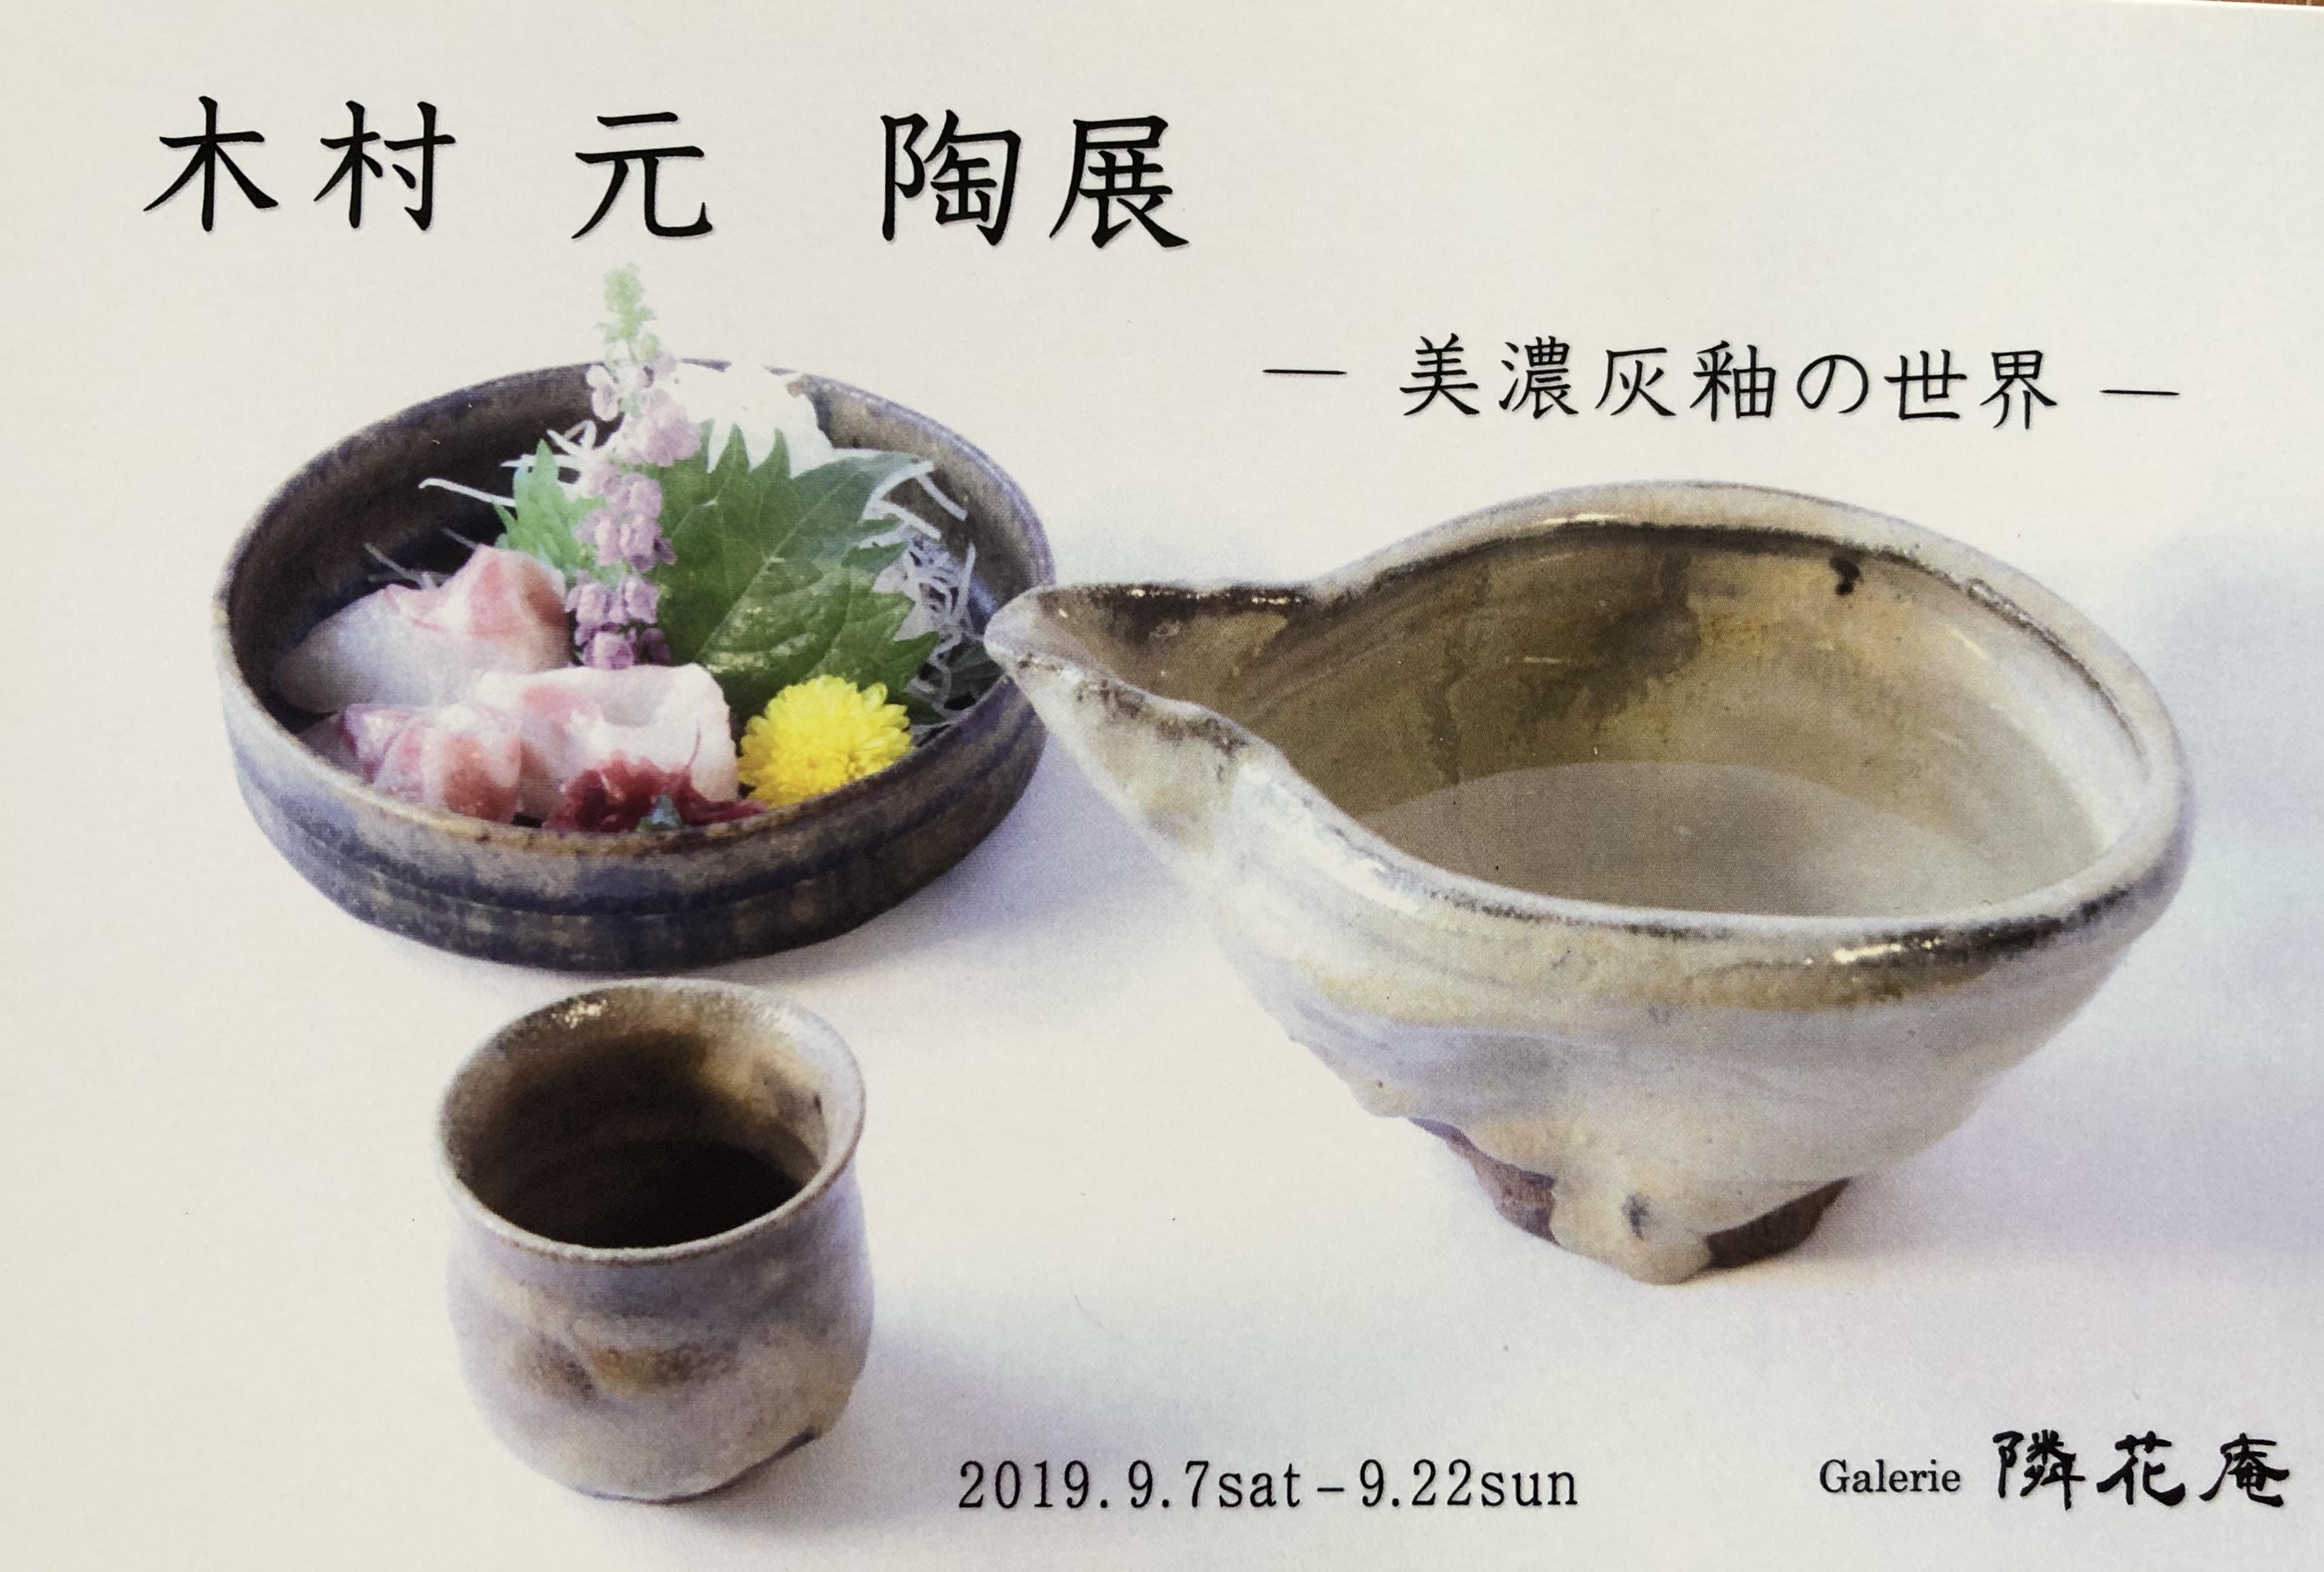 木村 元 陶展    ―美濃灰釉の世界―